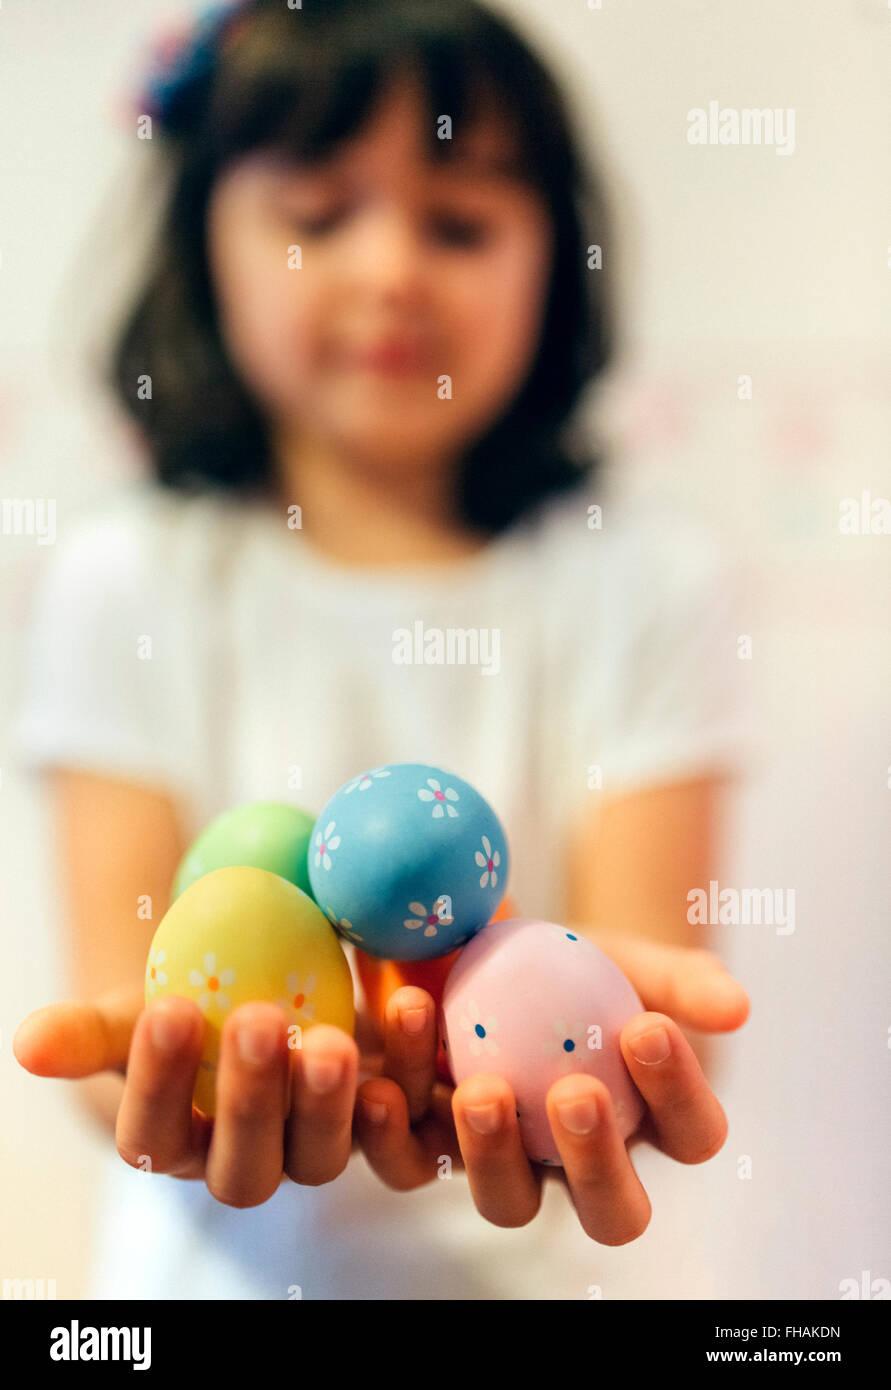 Chica manos agarrando los huevos de Pascua pintados Imagen De Stock